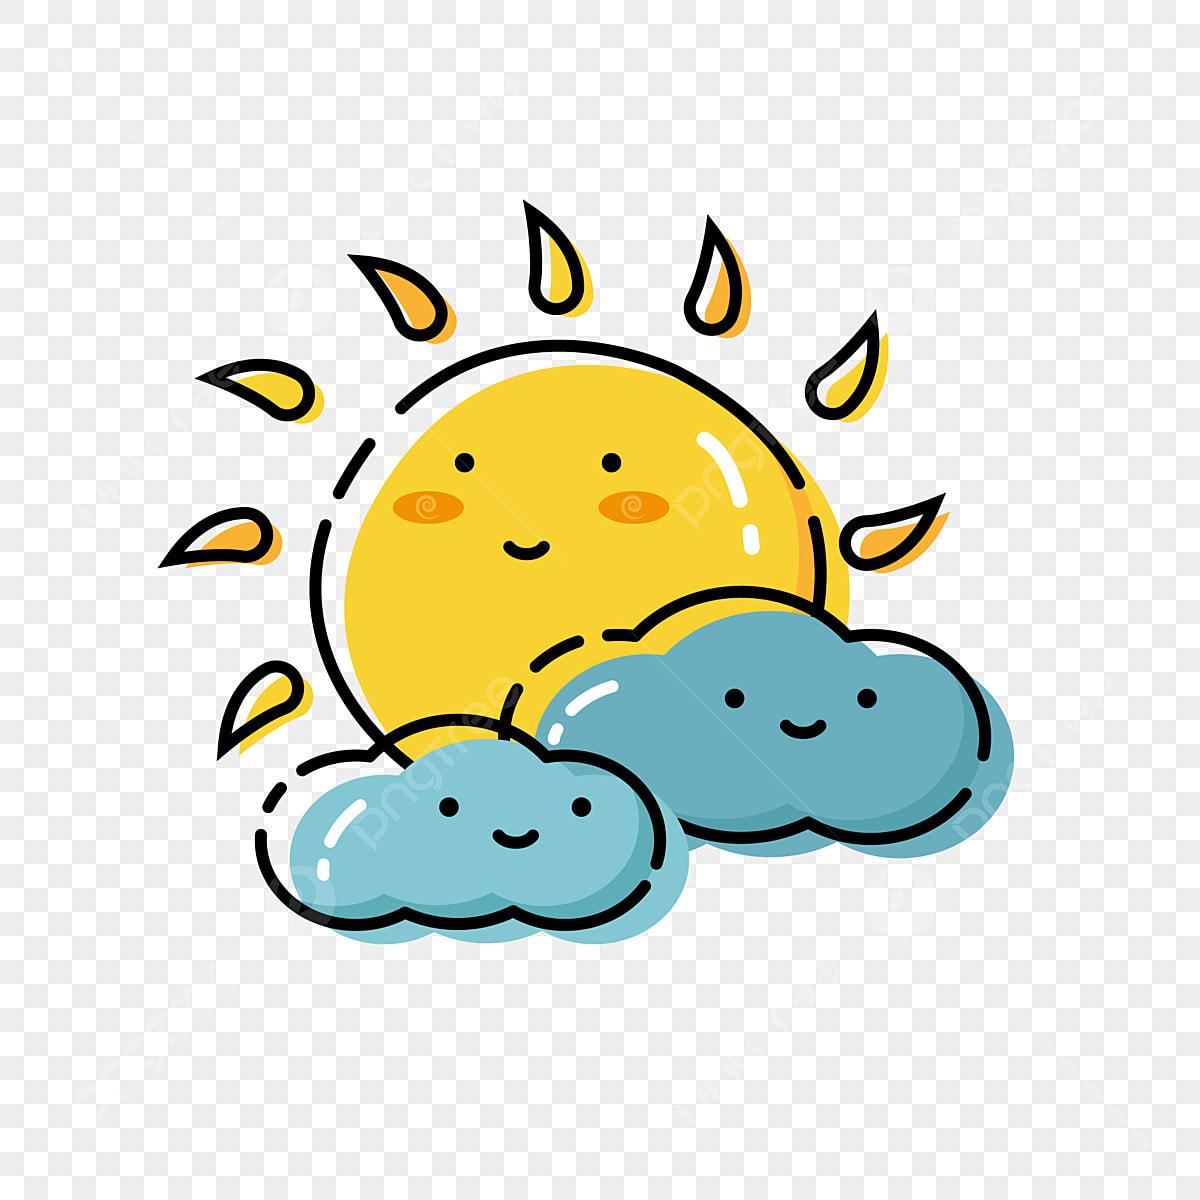 gambar matahari awan kartun mbe matahari kartun kegunaan png dan vektor untuk muat turun percuma https ms pngtree com freepng mbe style cute cartoon sun smiley vector elements available for commercial use 4380780 html